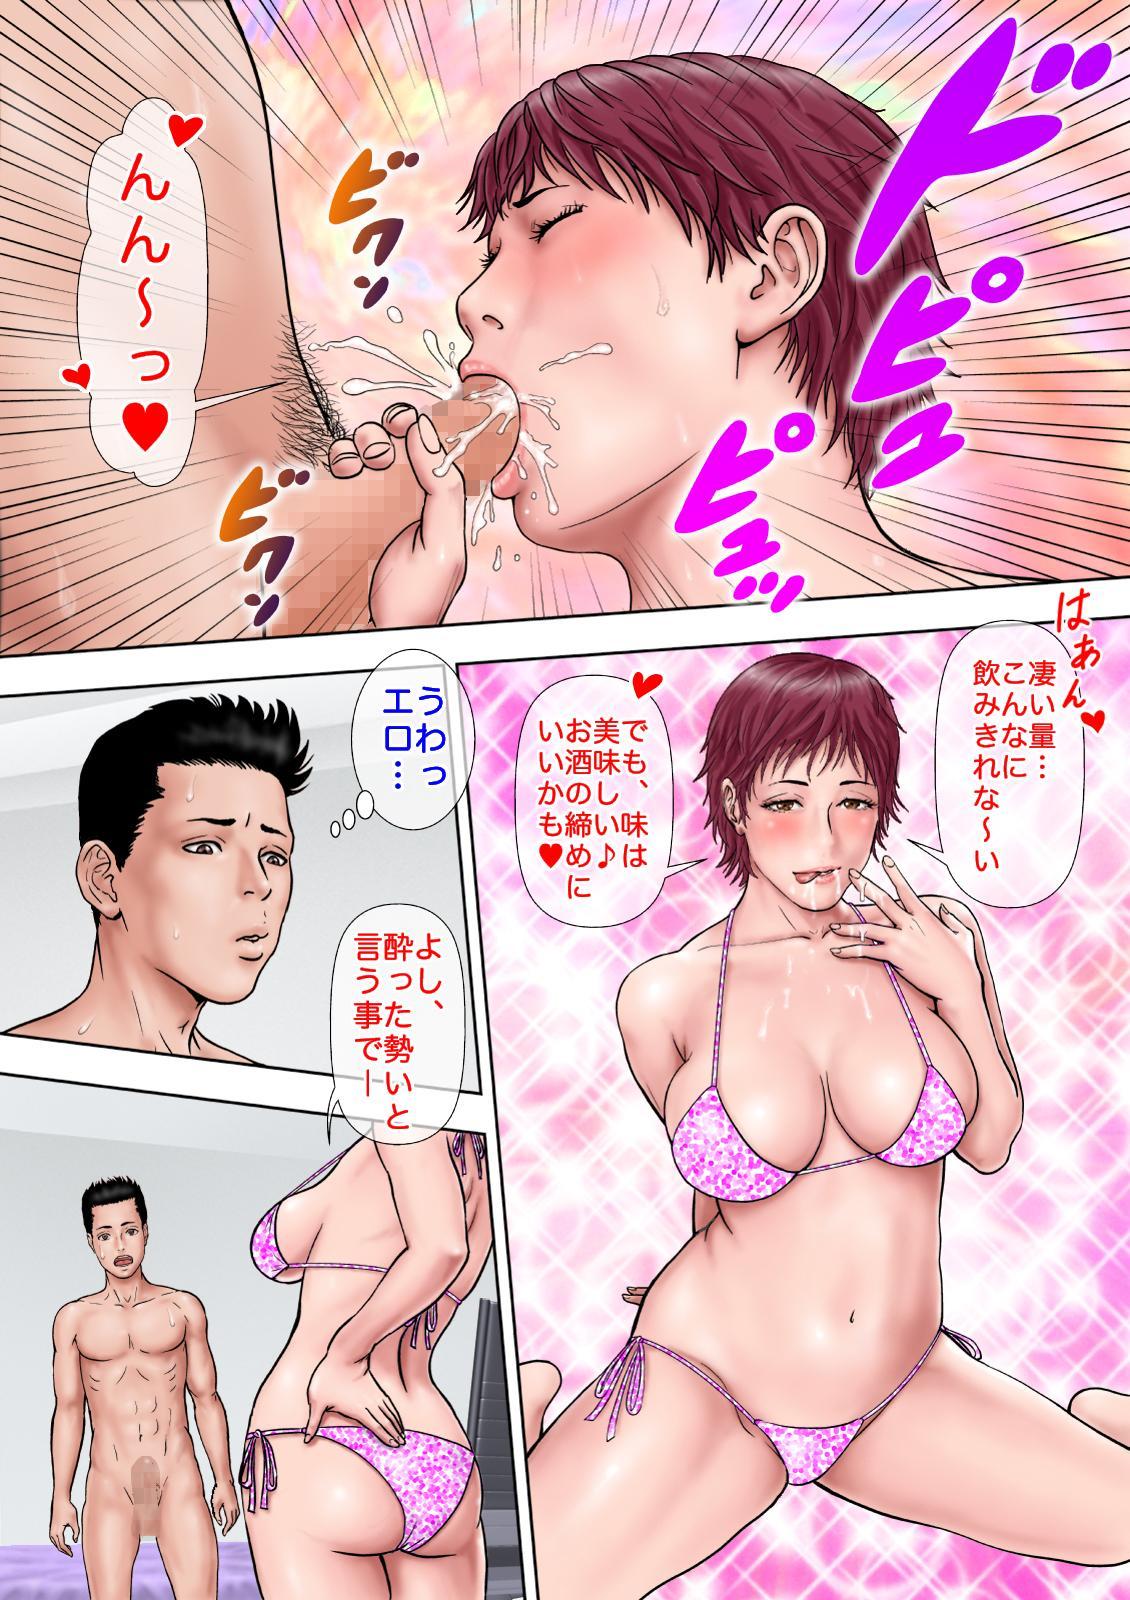 Hahaoya no Mukashi no Mizugi Sugata no Shashin ga Do-Strike Datta 9